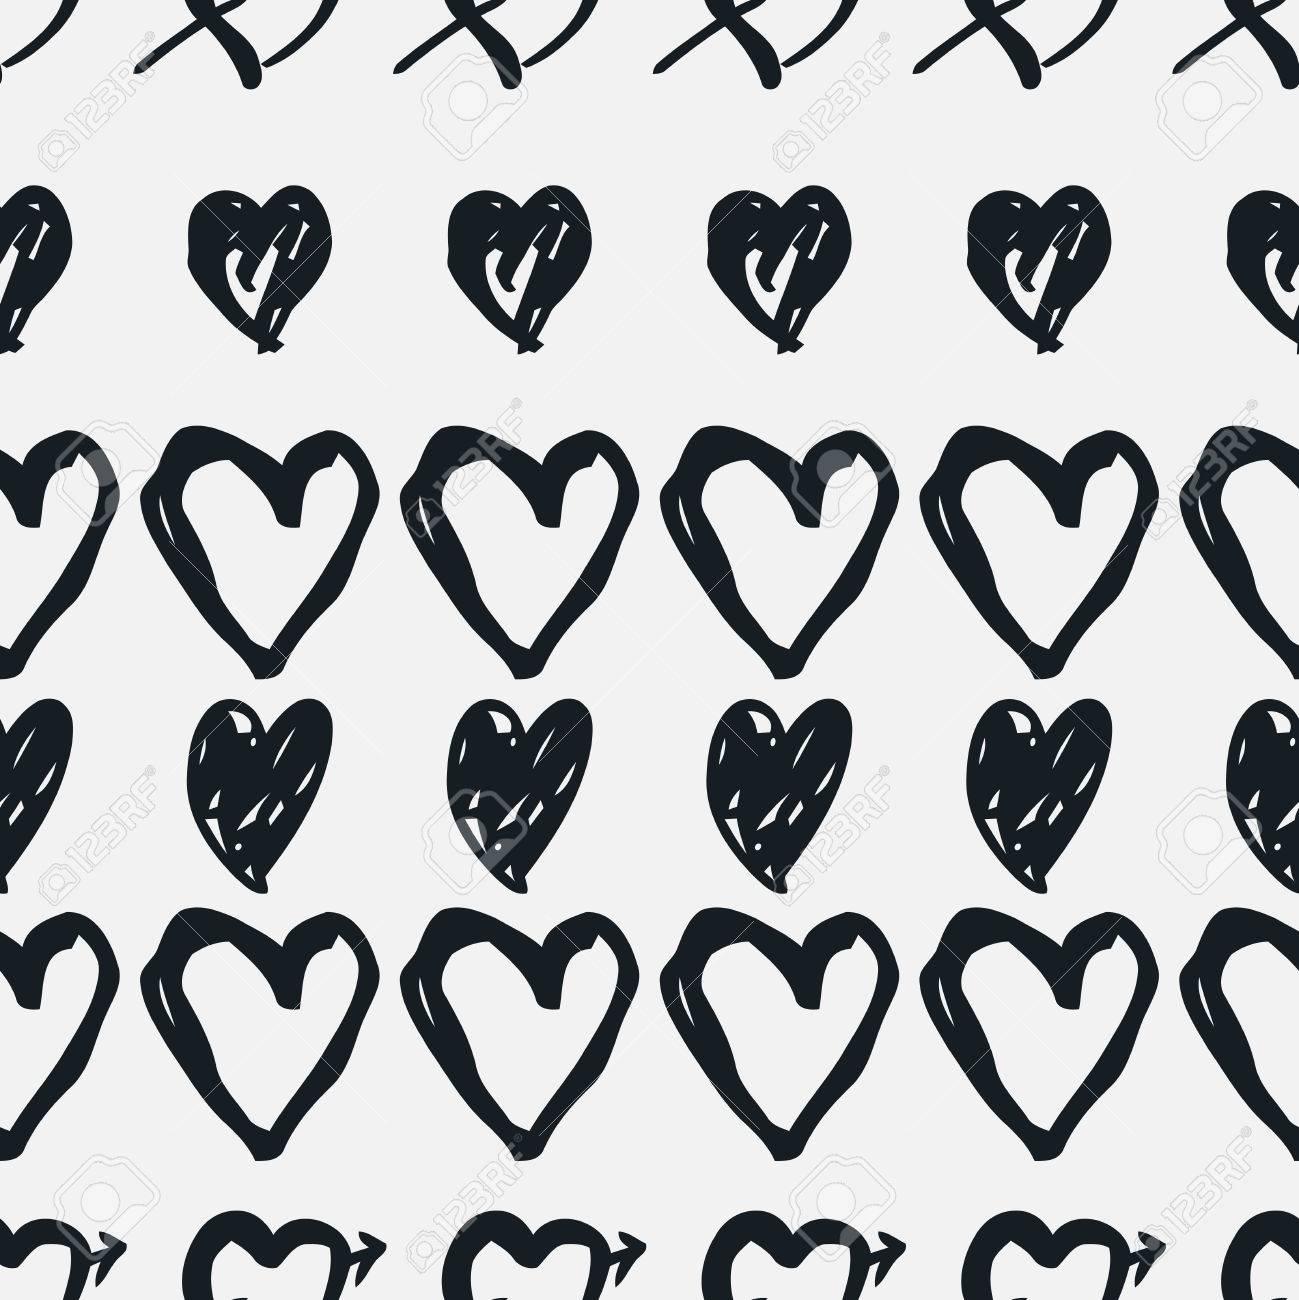 Garabatear Patrón Transparente Con Corazones Corazón Blanco Y Negro